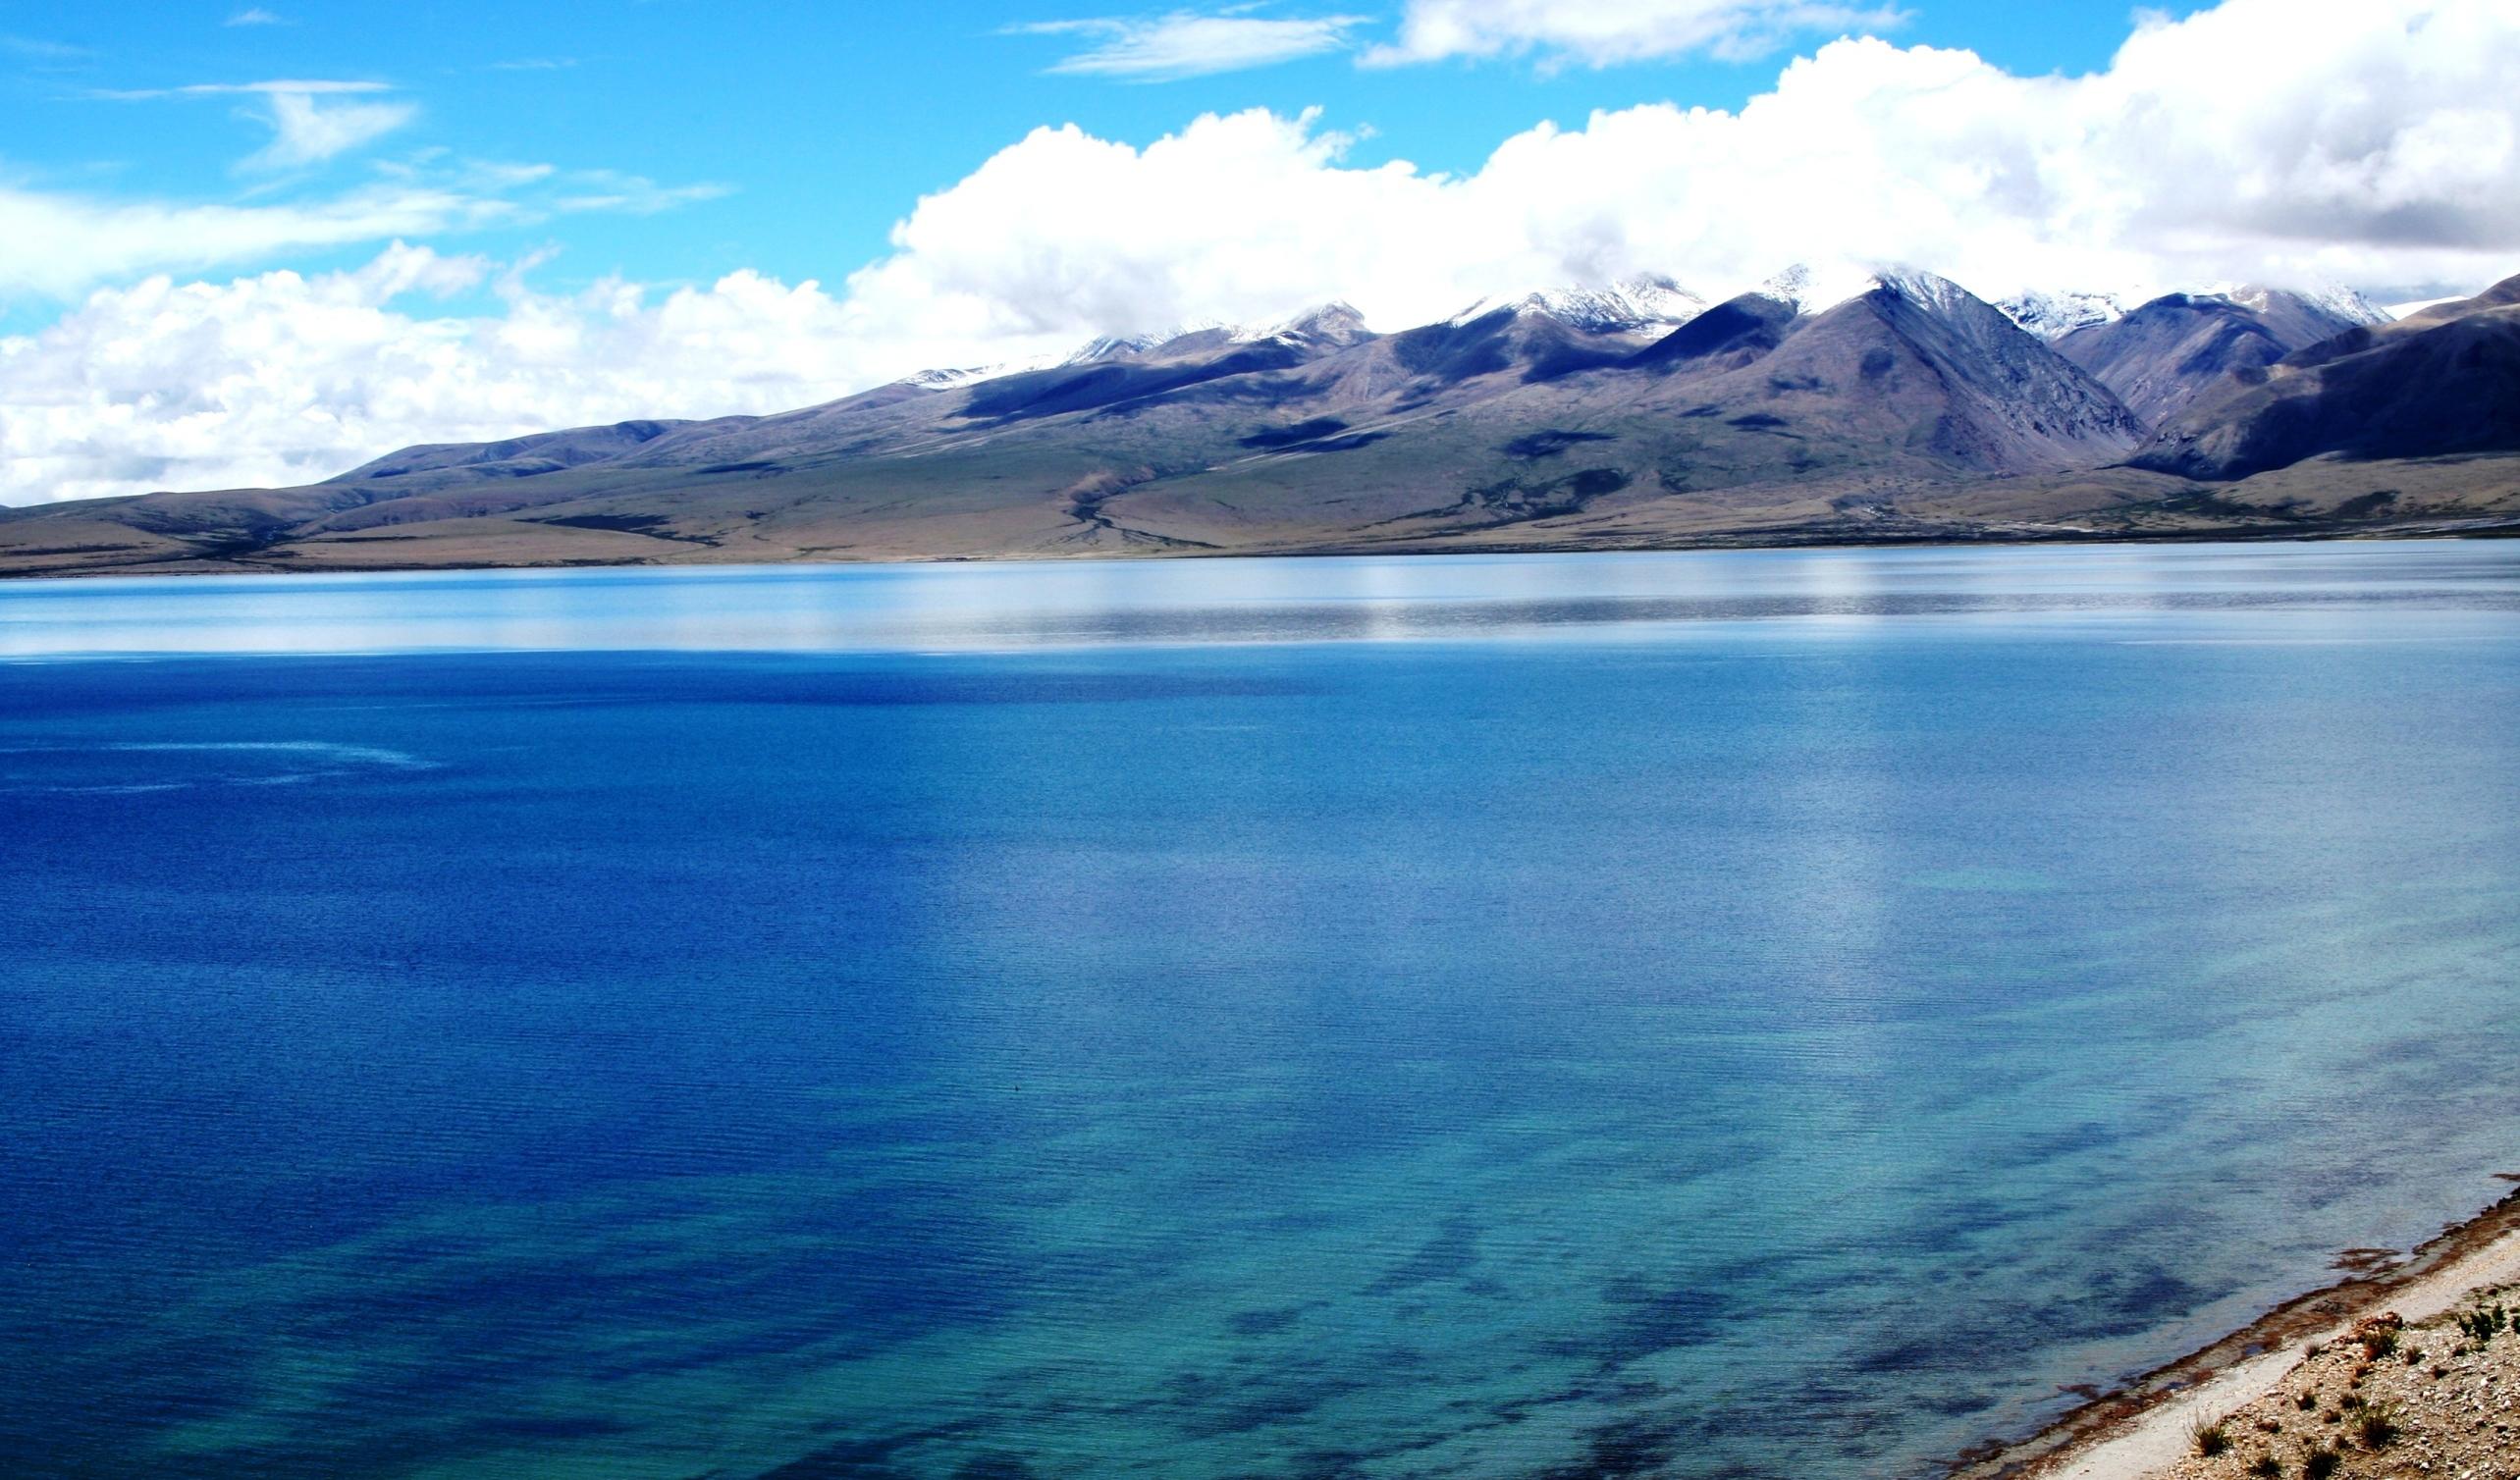 The Lake and Tibetan Himalayas